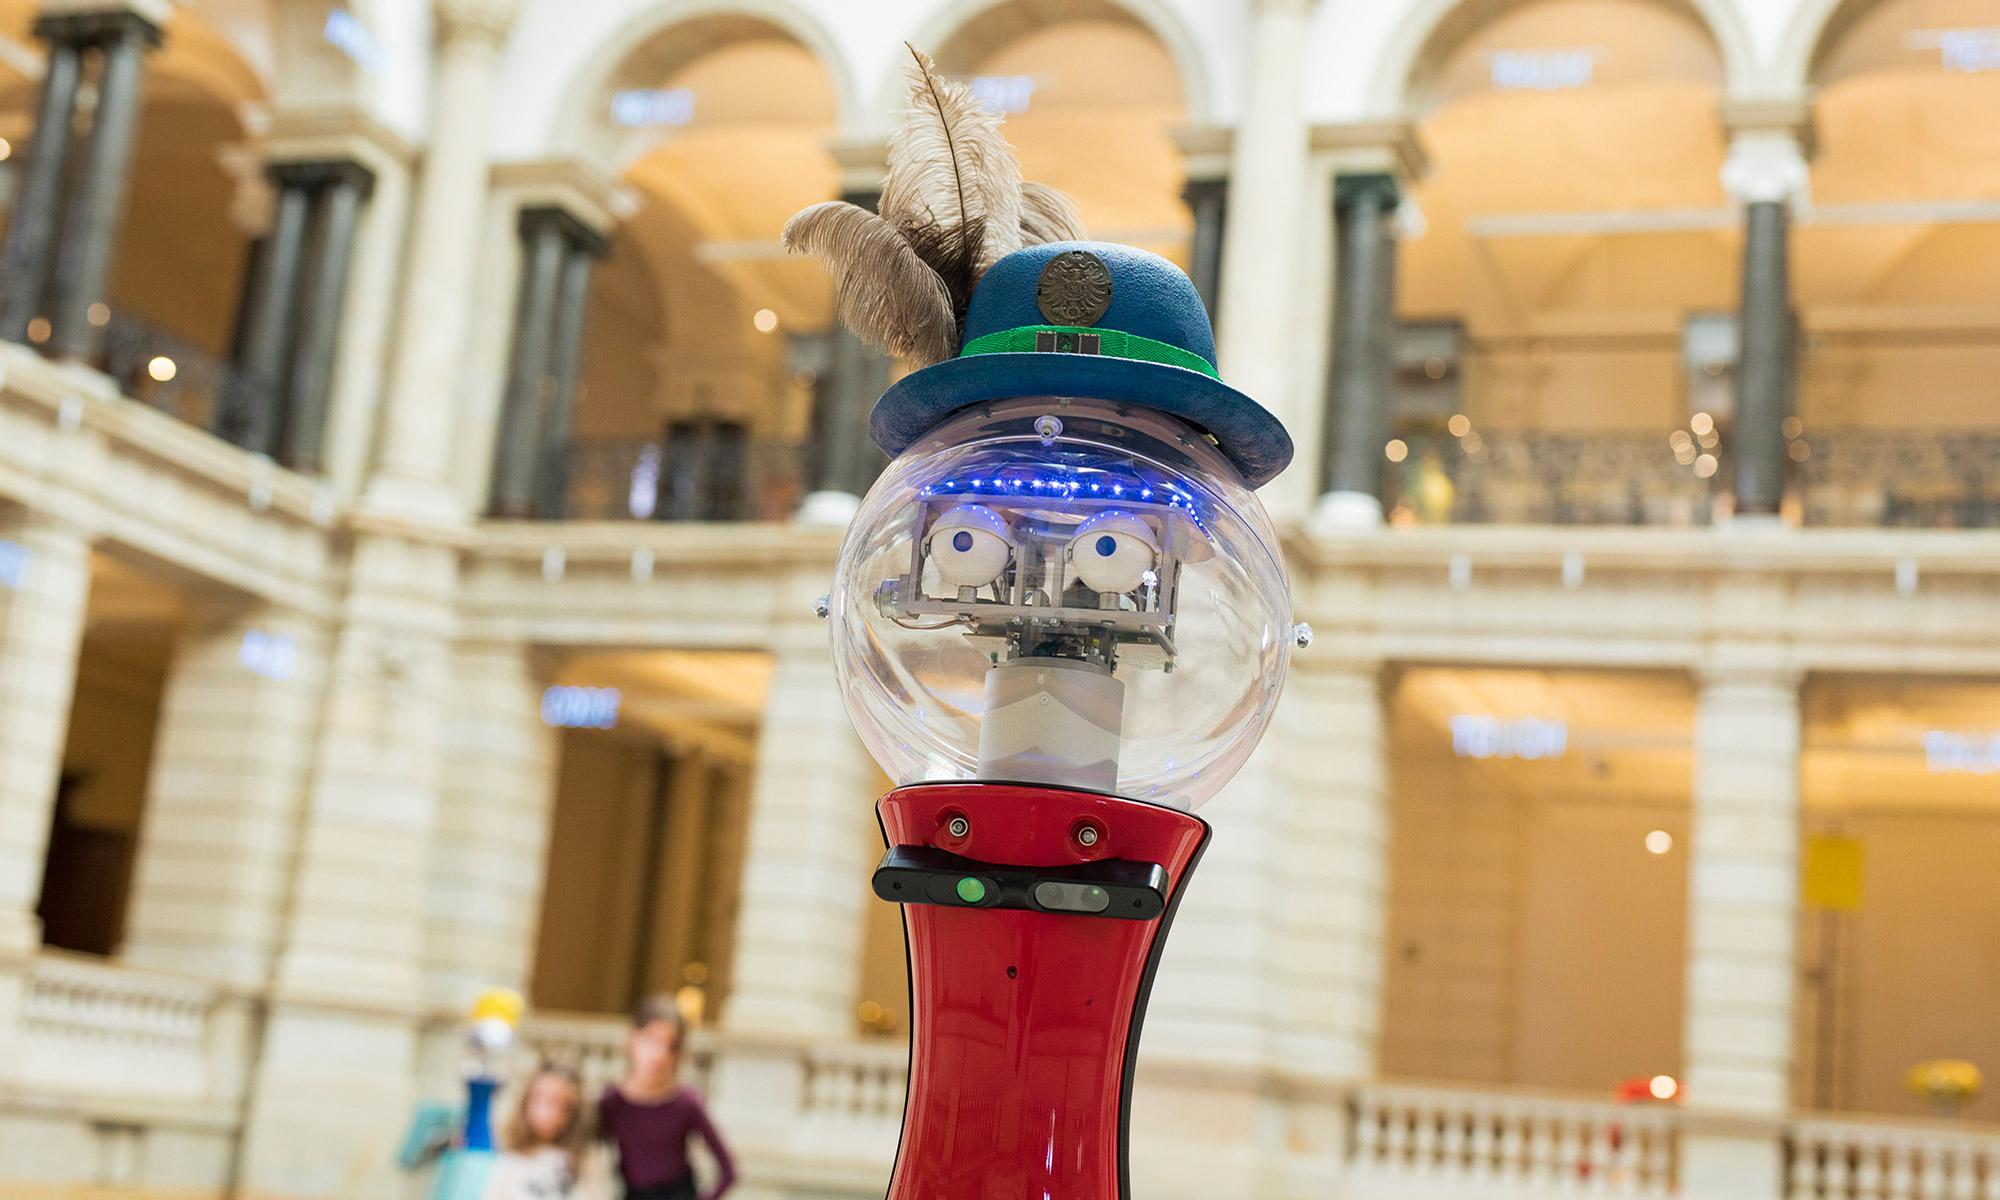 Der Roboter Robert im Lichthof des Museums